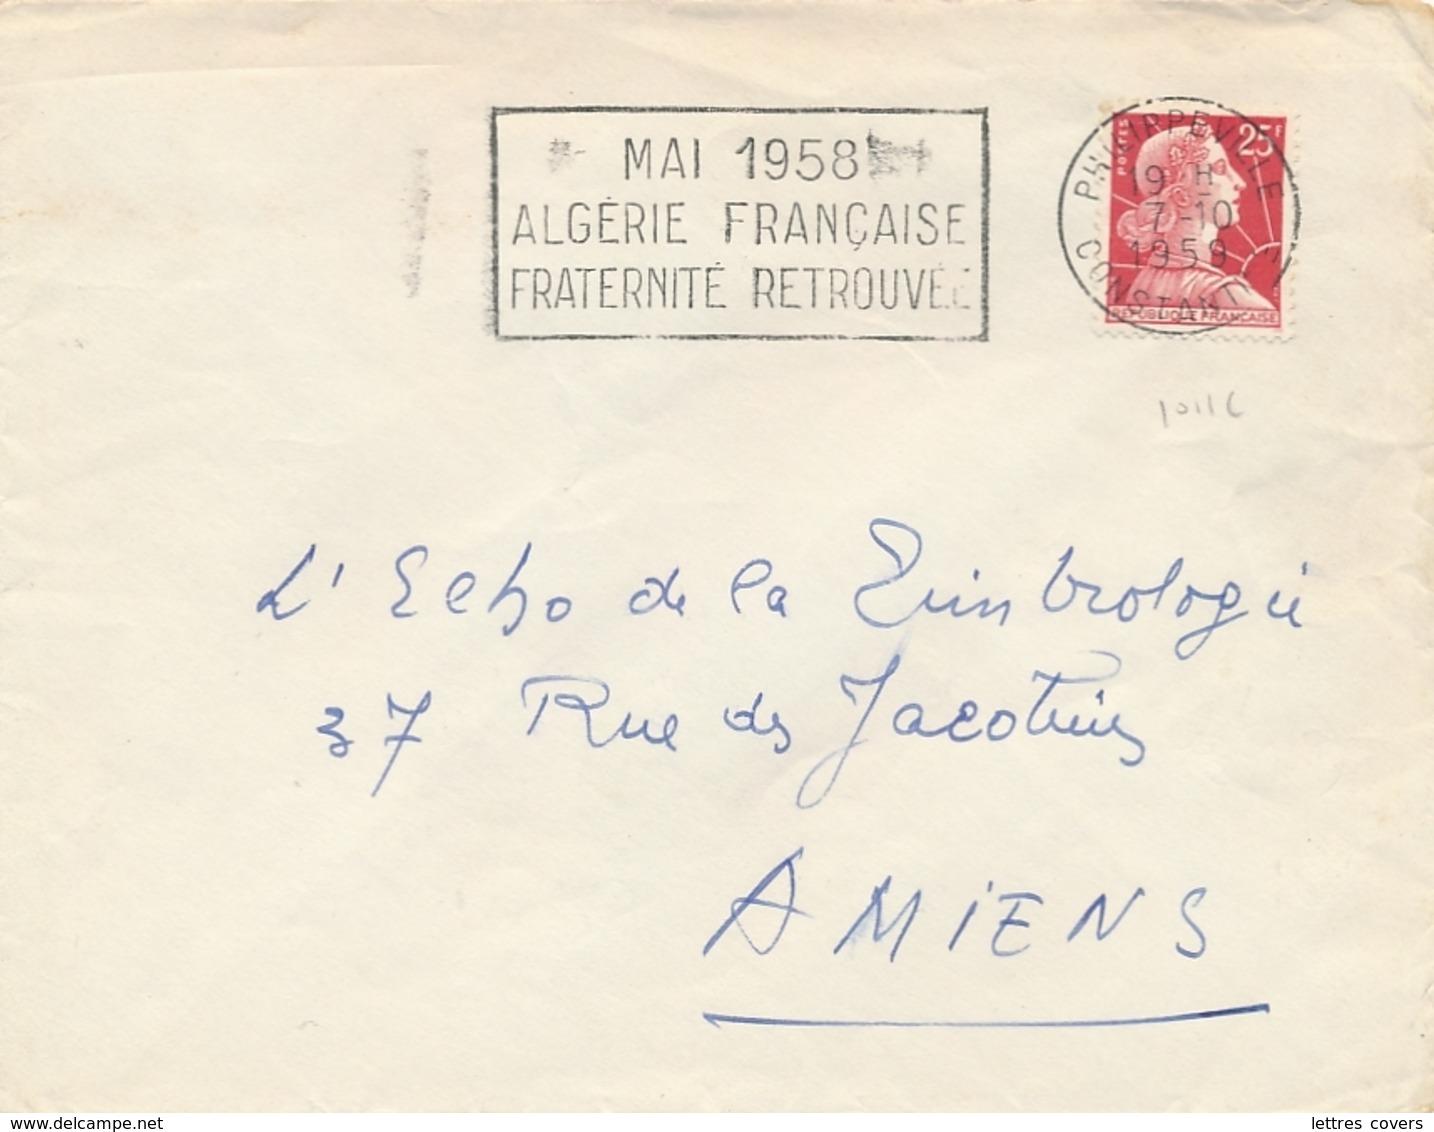 """OMECA """" MAI 1958 ALGERIE FRANÇAISE FRATERNITÉ RETROUVÉE """" CàD """" PHILIPPEVILLE 7/10/59 CONSTANTINE """" MULLER LETTRE - Covers & Documents"""